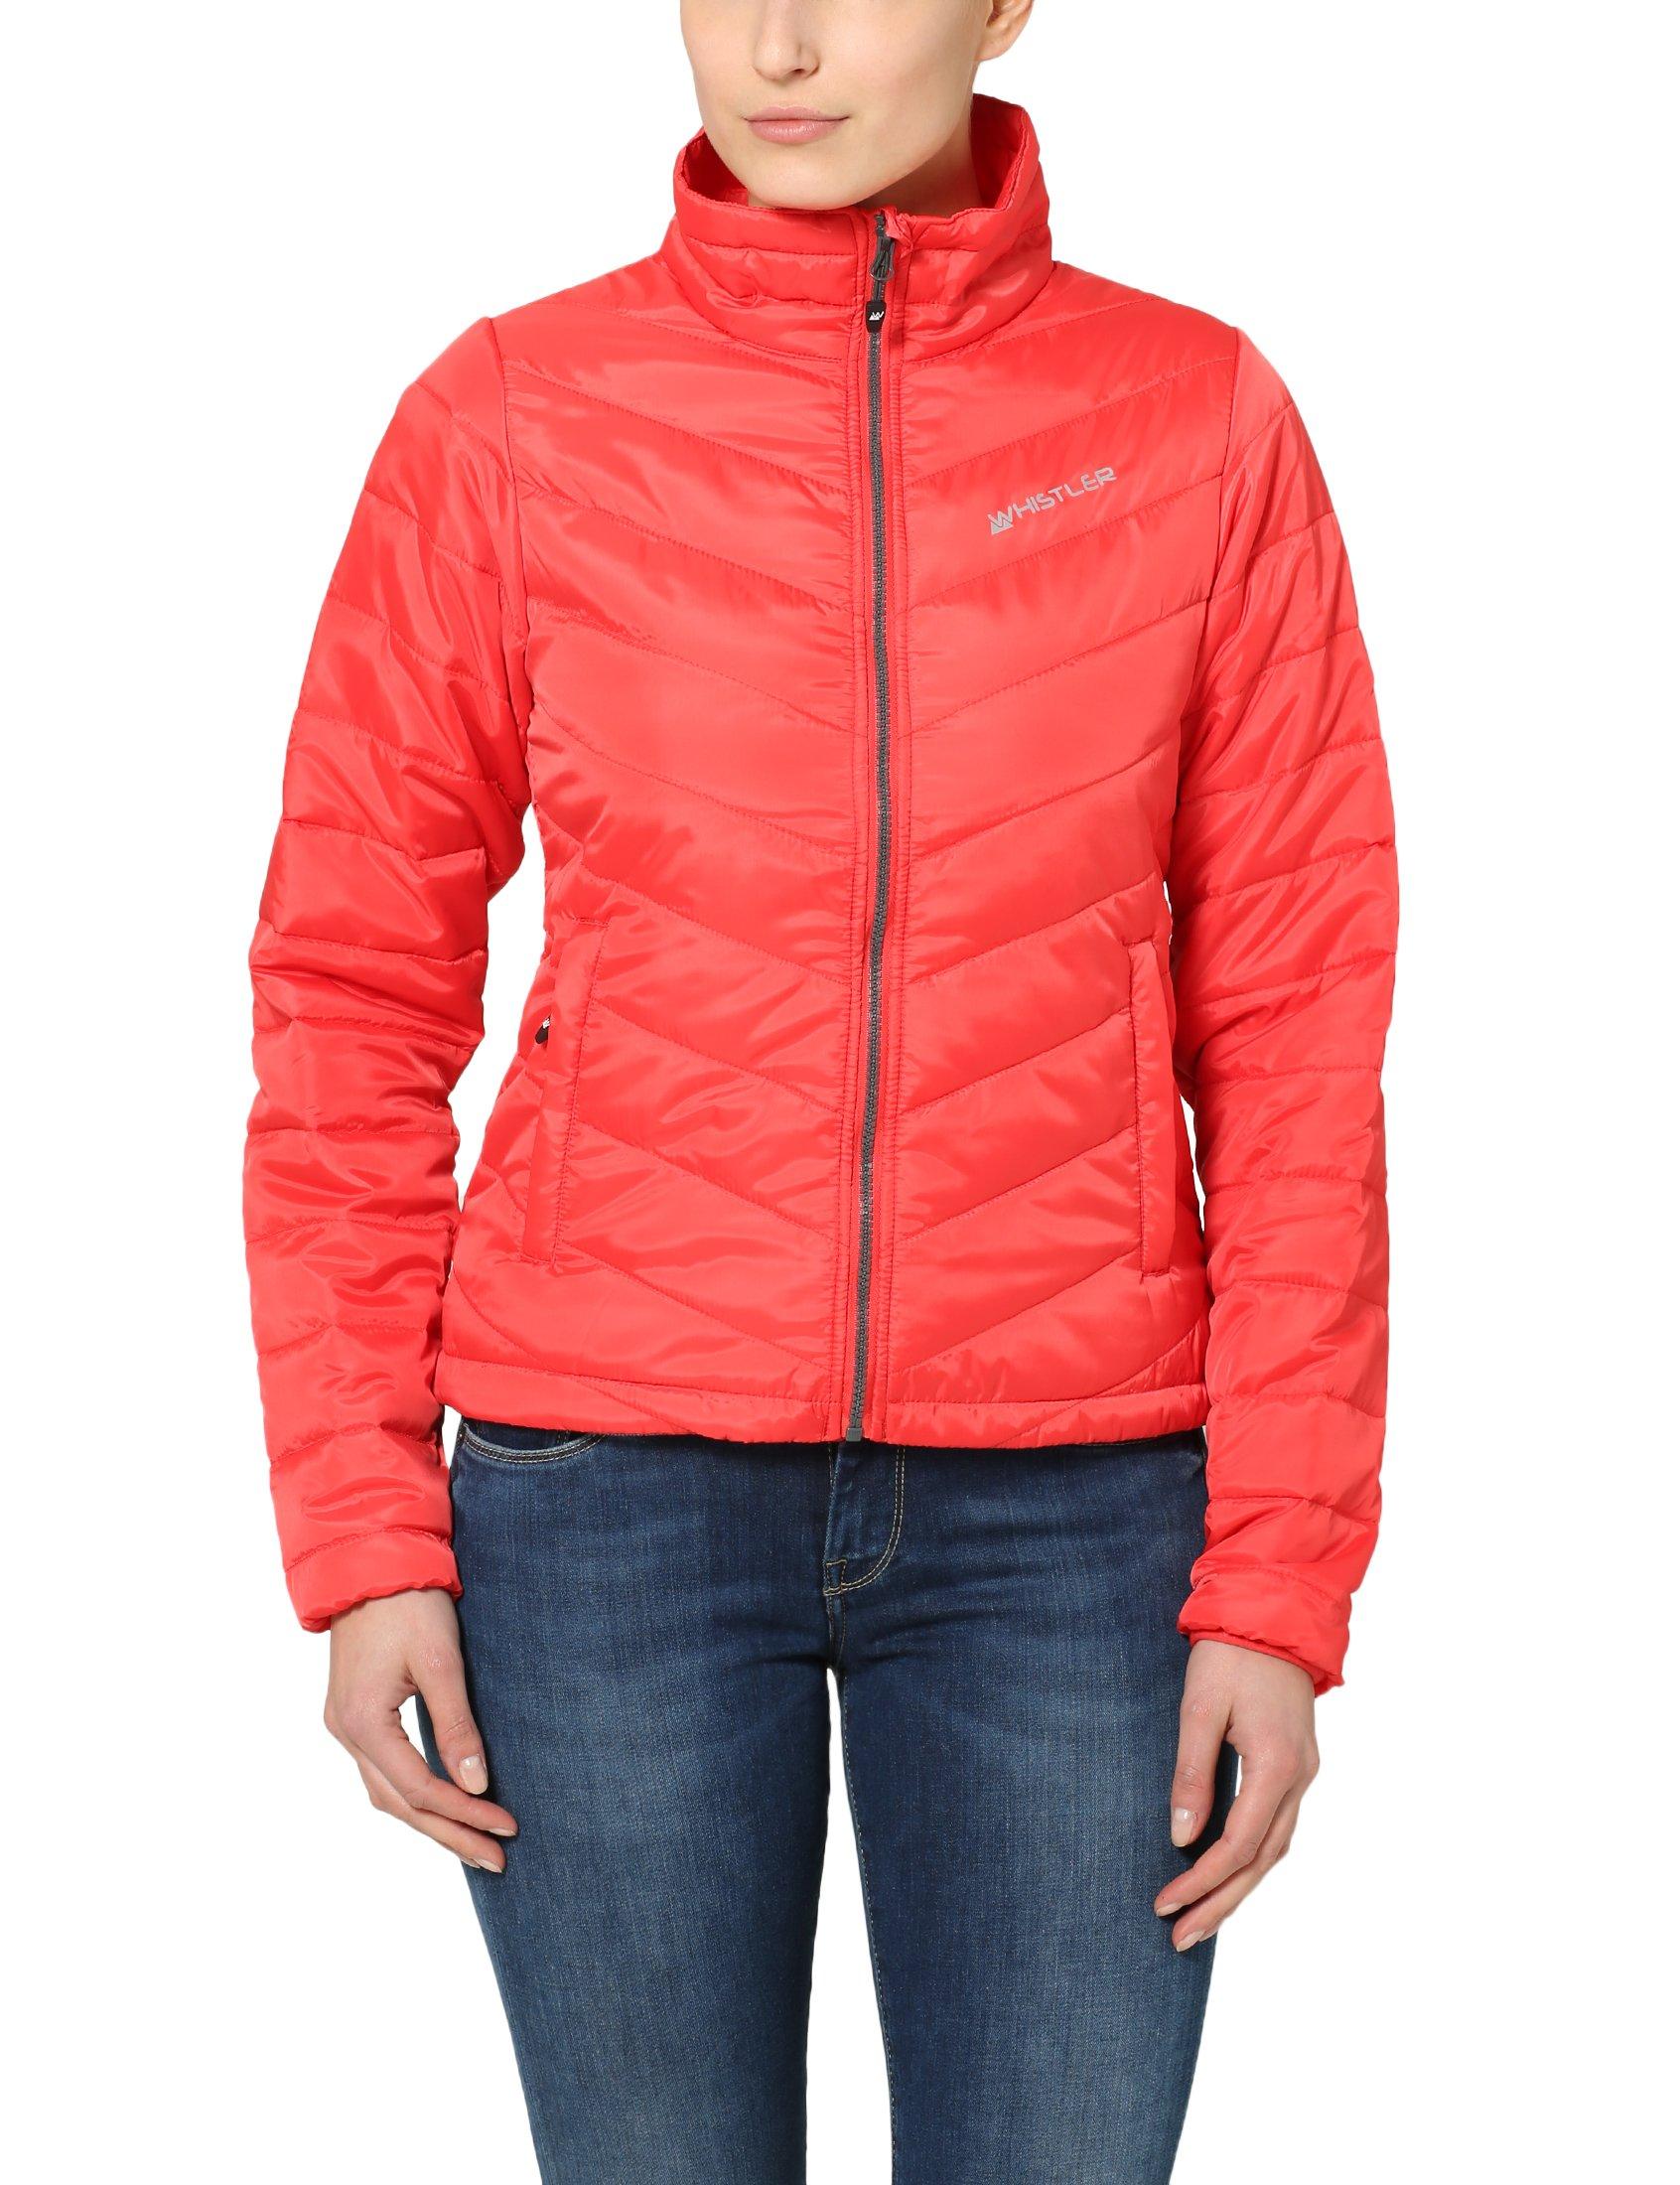 81 OAv3VzBL - Ultrasport Whistler Women's Quilted Jacket Foggia